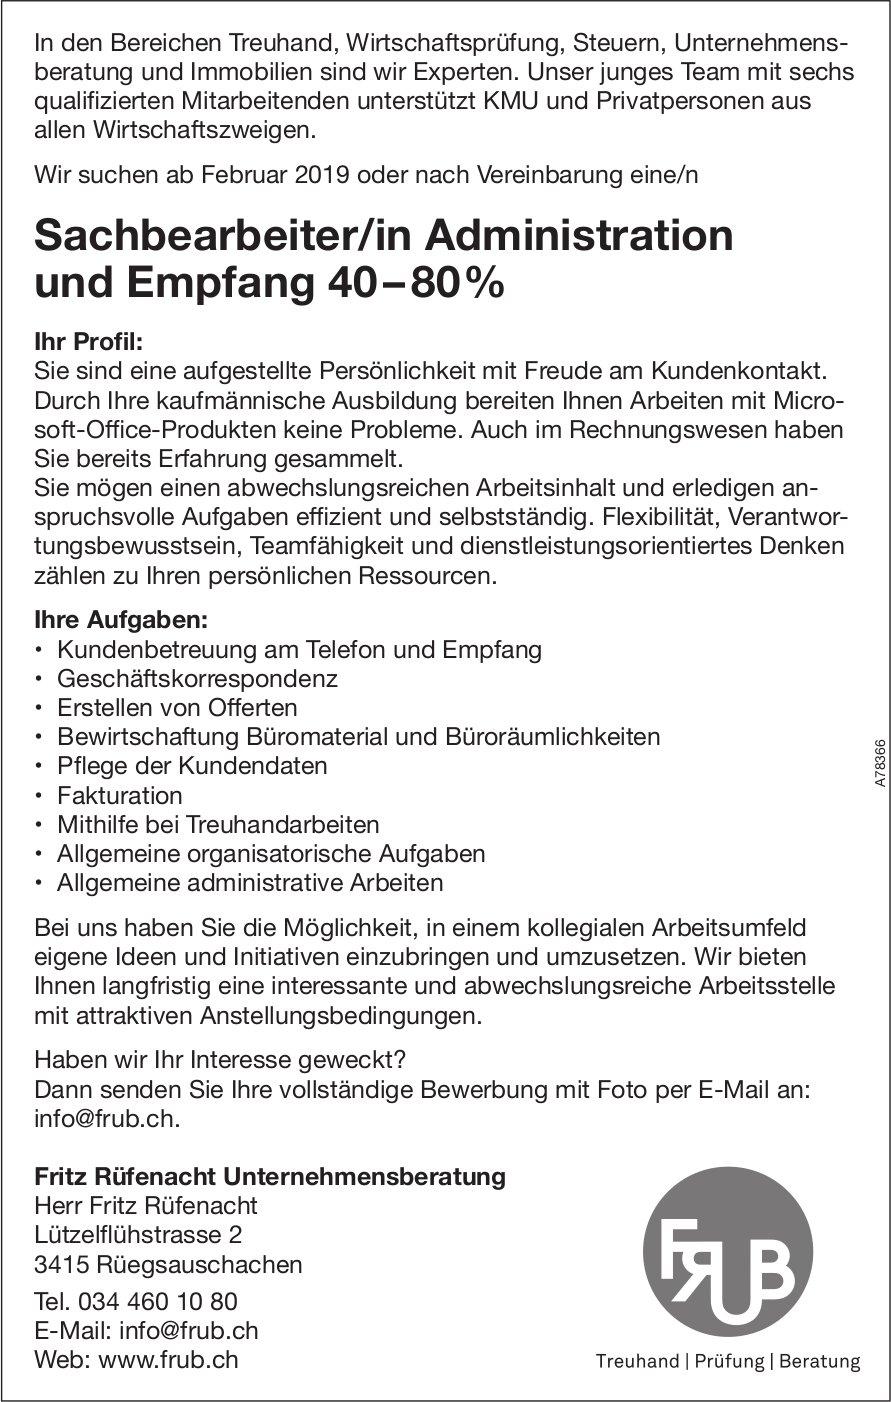 Sachbearbeiter/in Administration und Empfang 40–80%, Fritz Rüfenacht Unternehmensberatung, gesucht